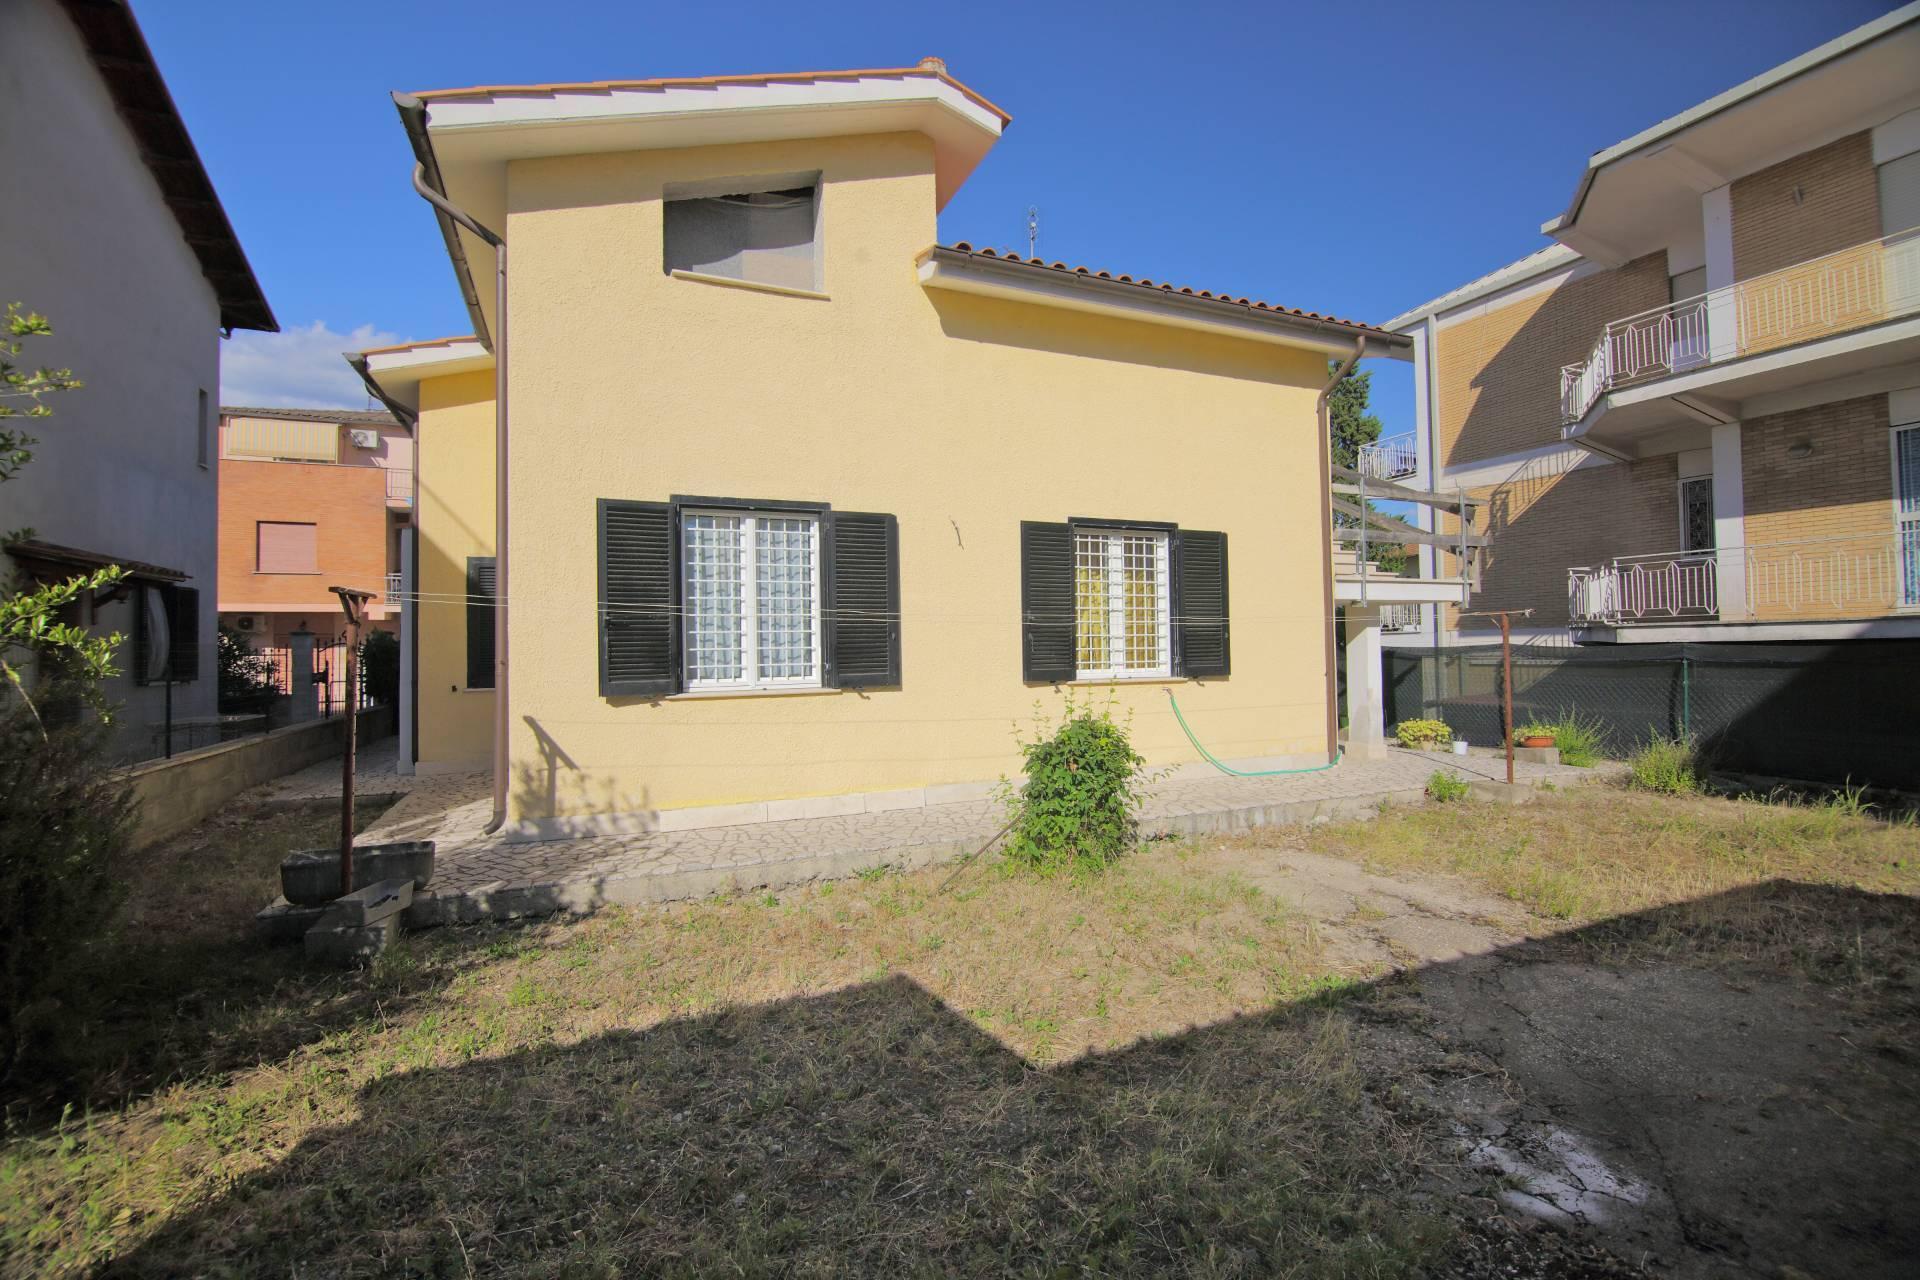 Villa in vendita a Fara in Sabina, 5 locali, zona Località: PassoCorese, prezzo € 195.000   CambioCasa.it